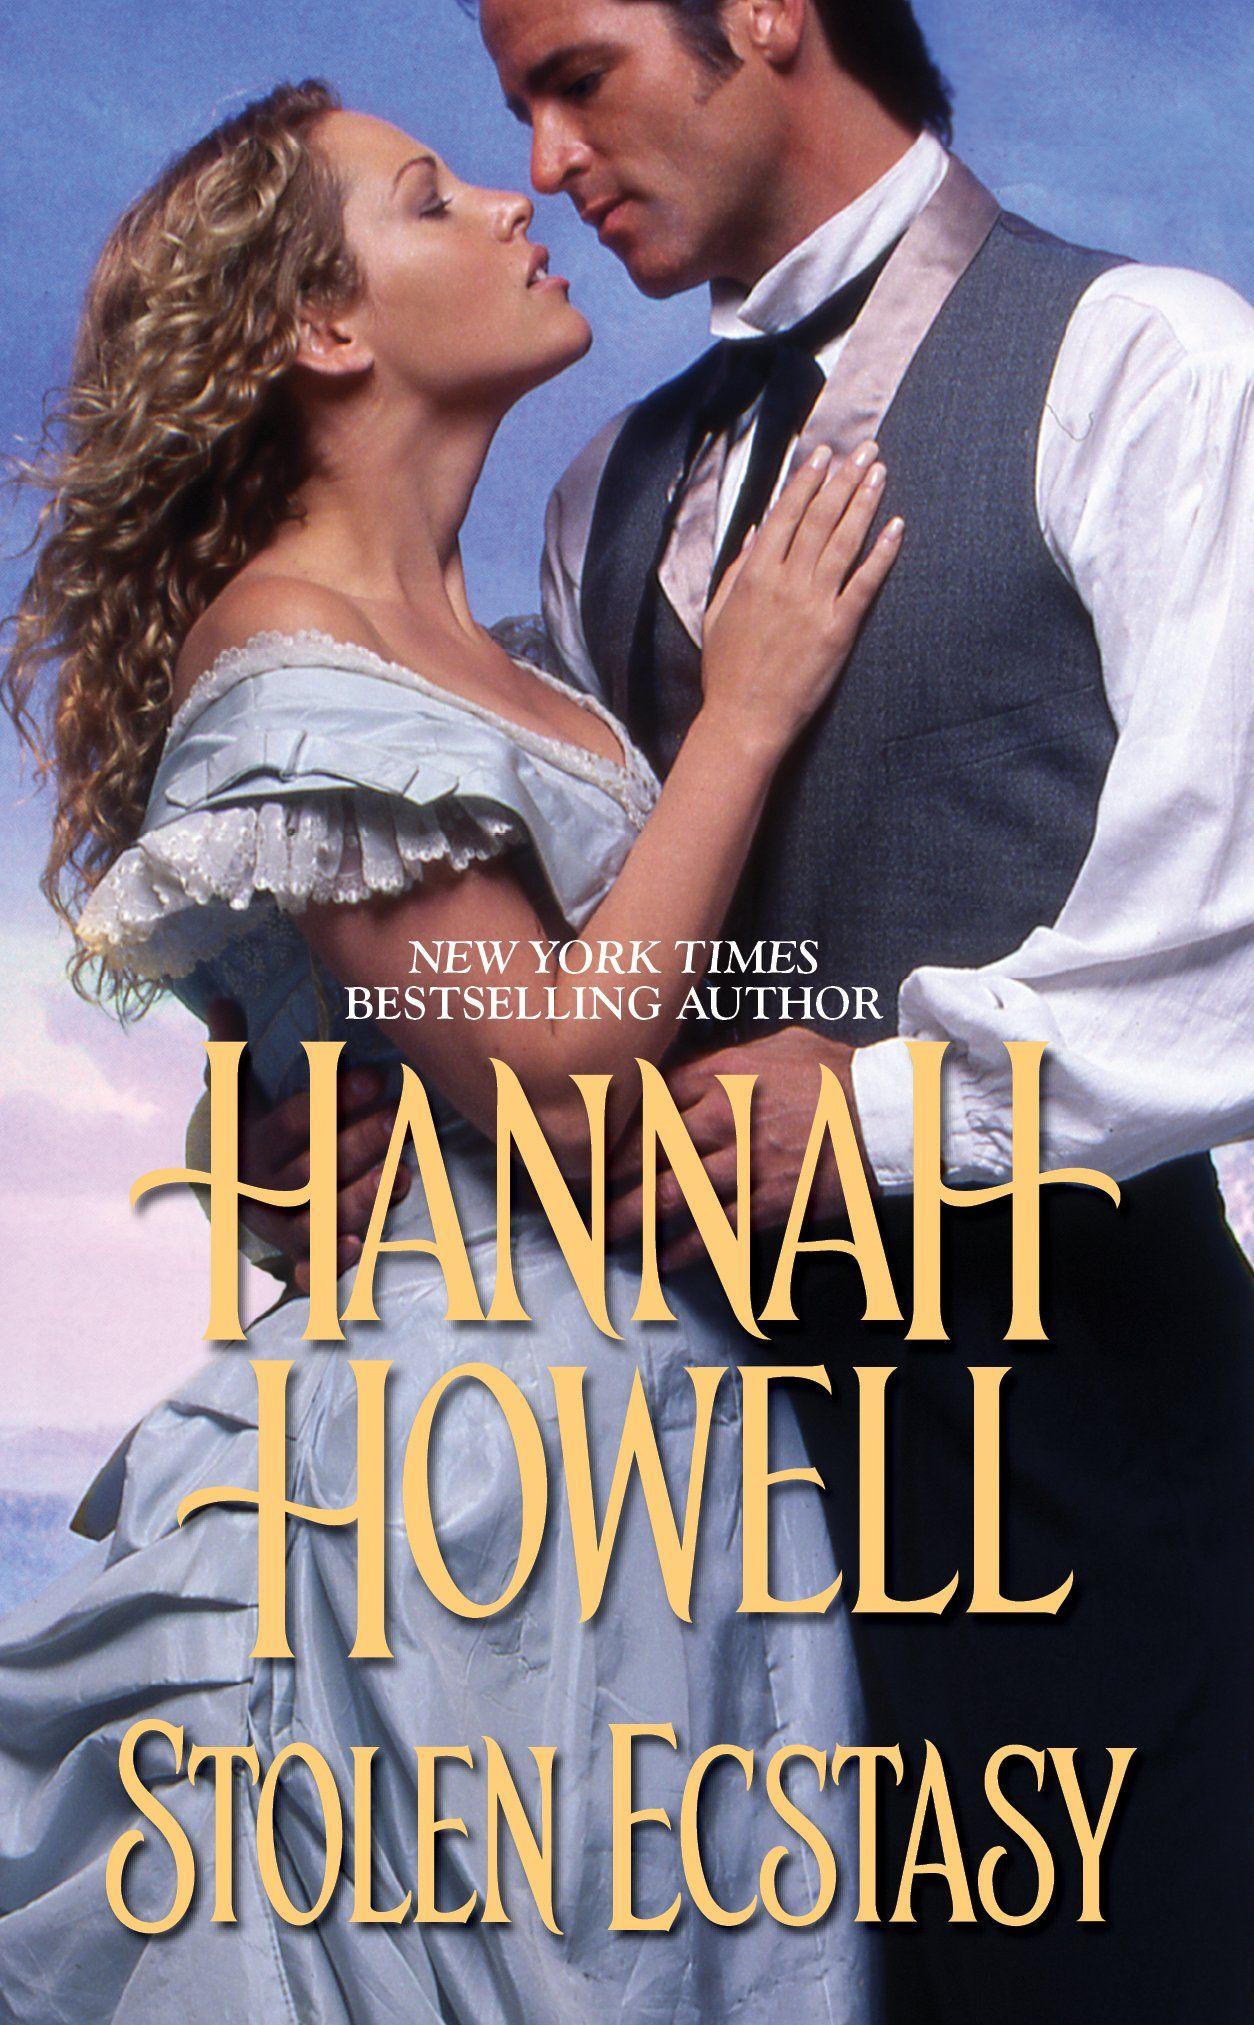 Hannah Howell - Stolen Ecstasy